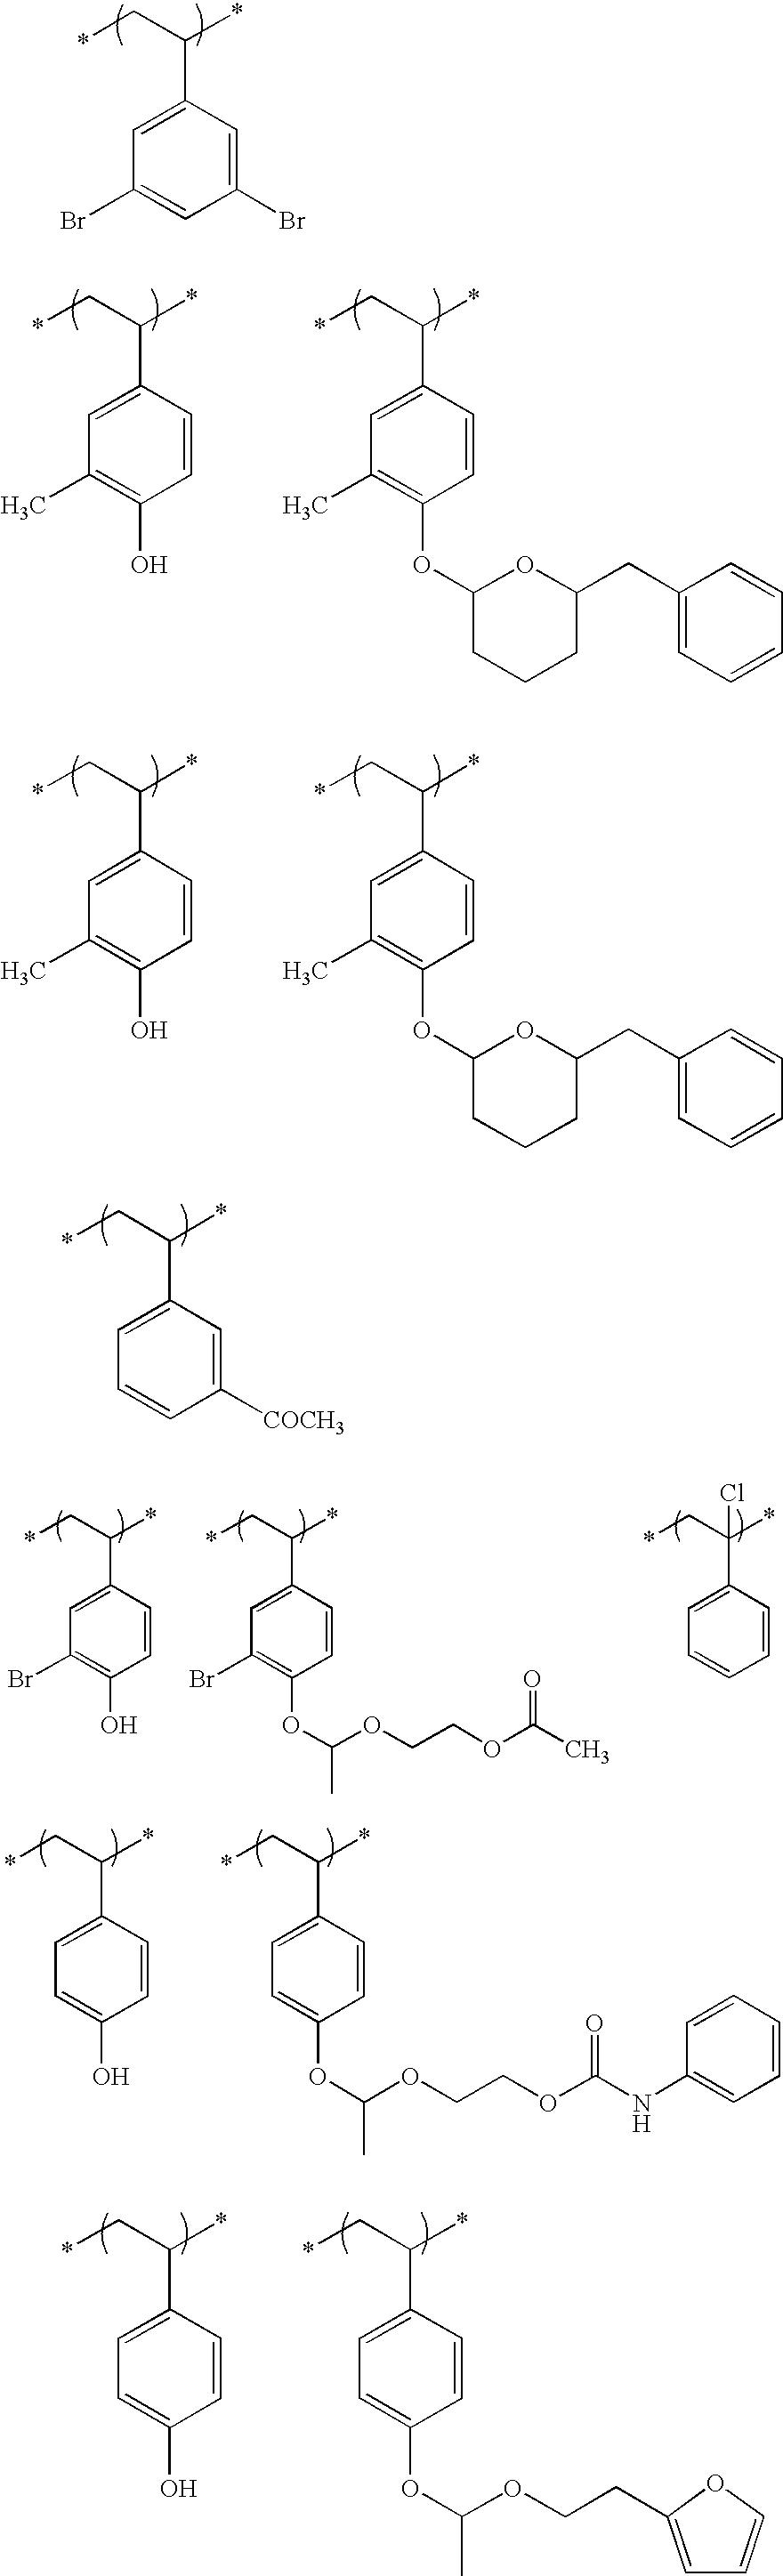 Figure US20100183975A1-20100722-C00215